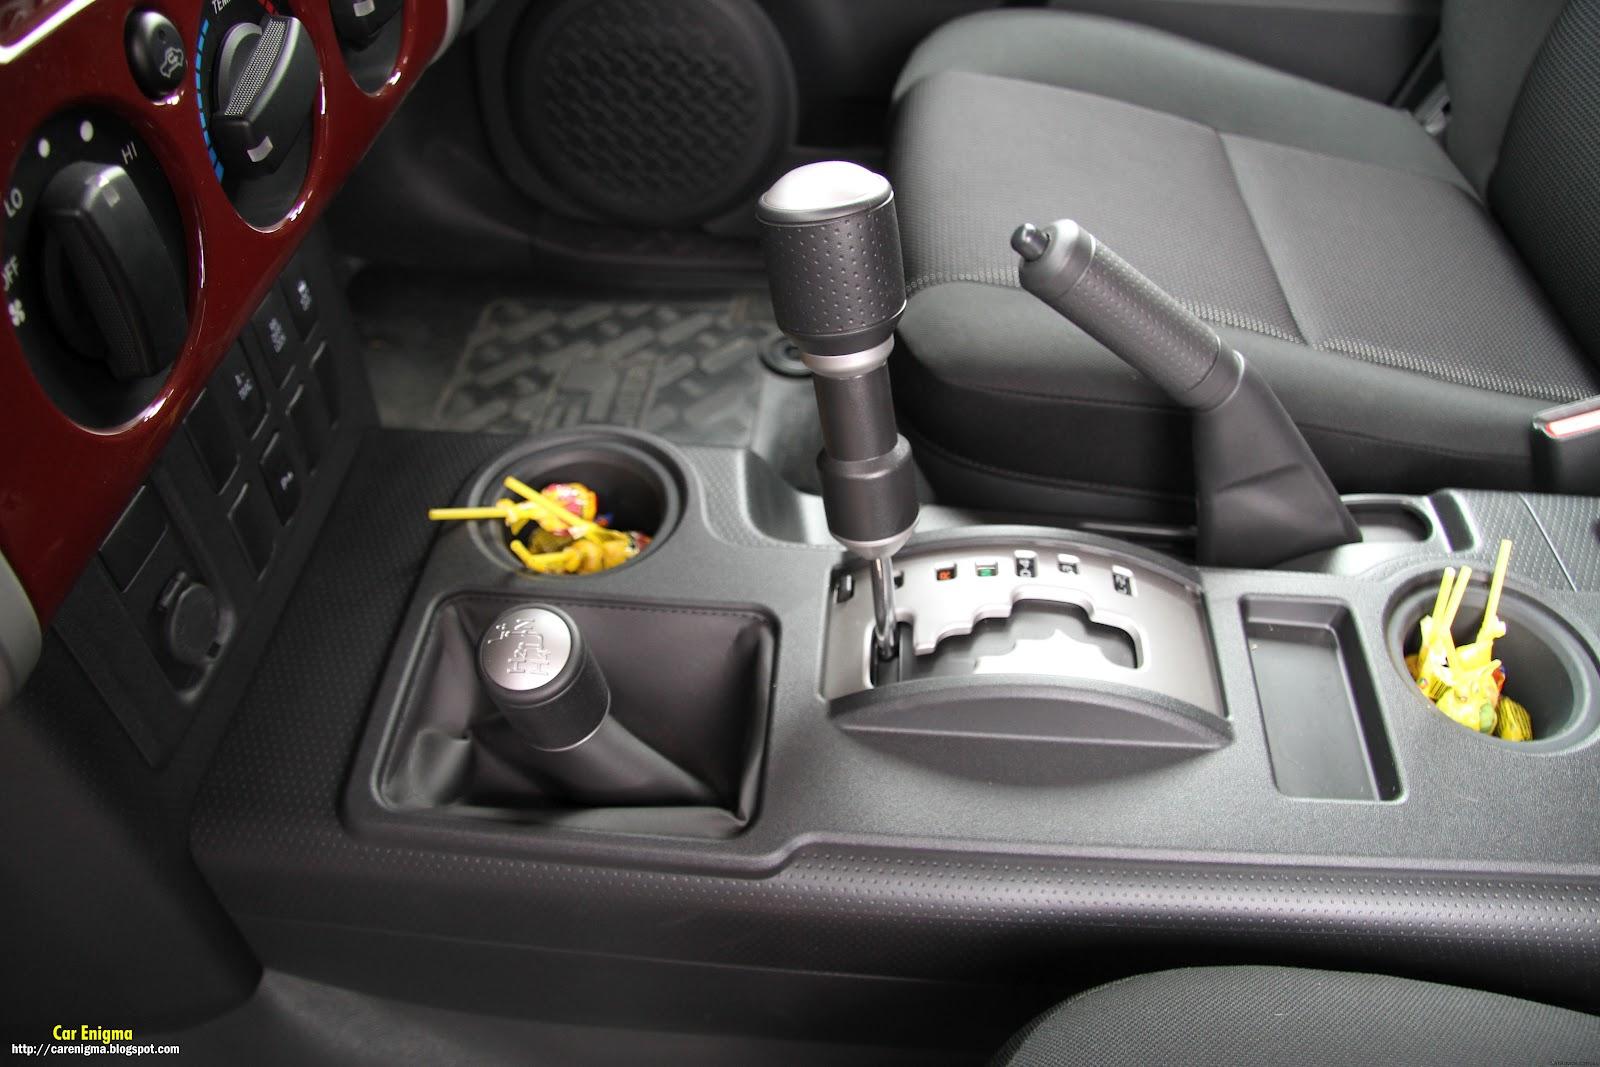 http://4.bp.blogspot.com/--6yzkOLnEjM/T2bx-n0xcrI/AAAAAAAAAvw/K0aXzcsIhRc/s1600/Toyota_FJ_Maroon-Interior2.jpg